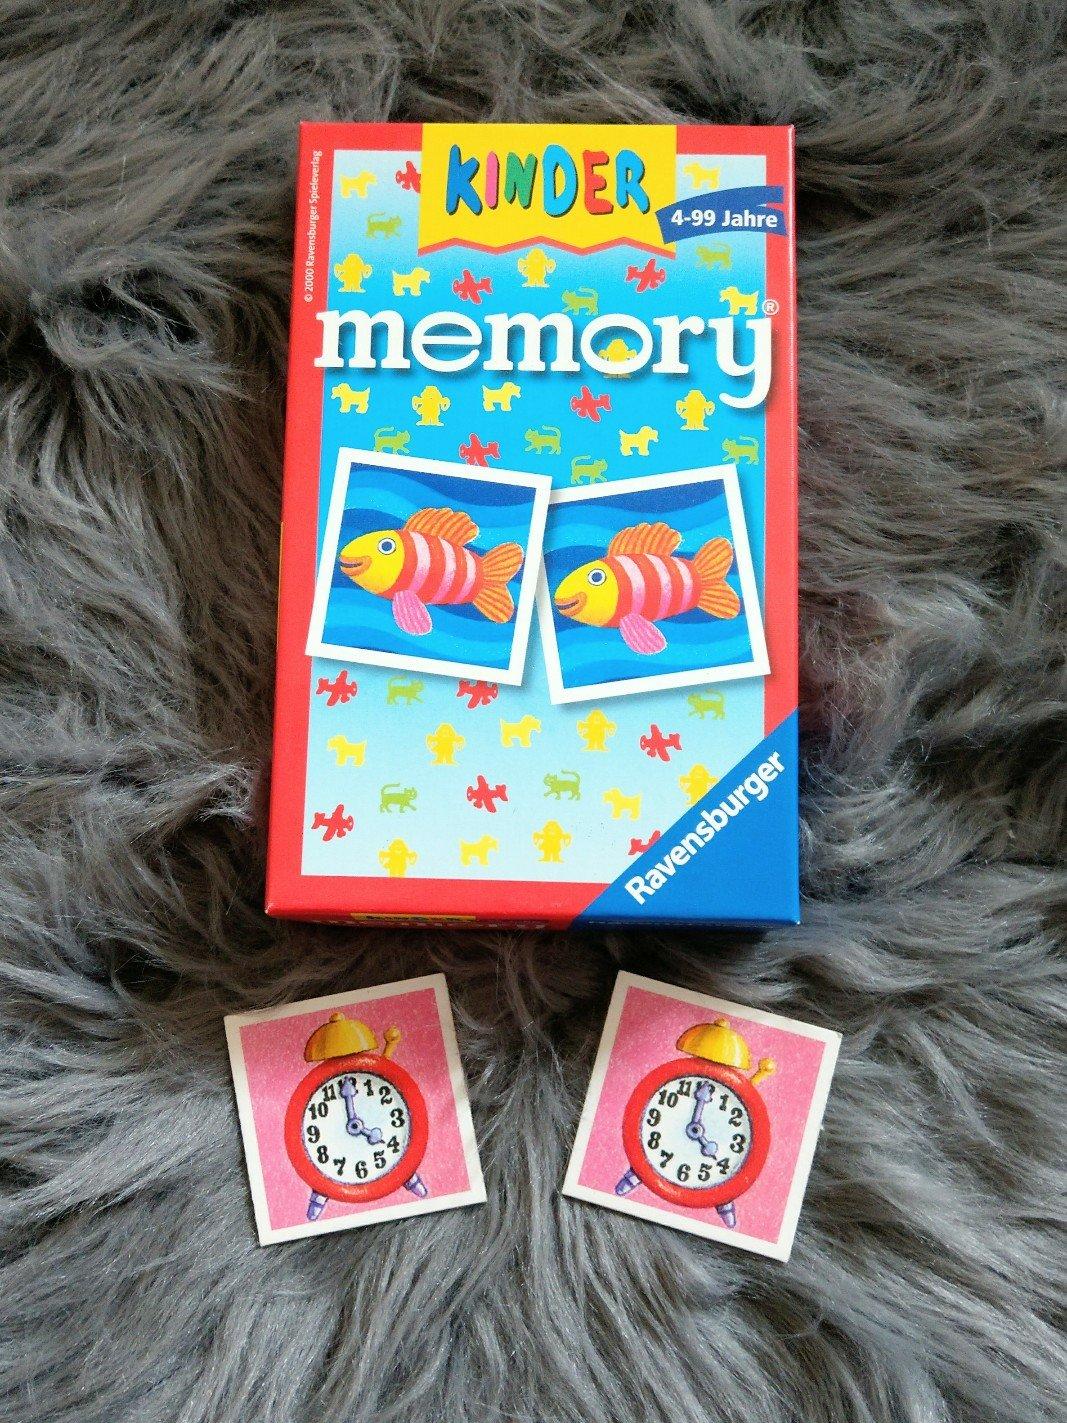 Ein Klassiker unter den Memory Spielen. Hier werden Konzentration und Gedächtnis geschult.